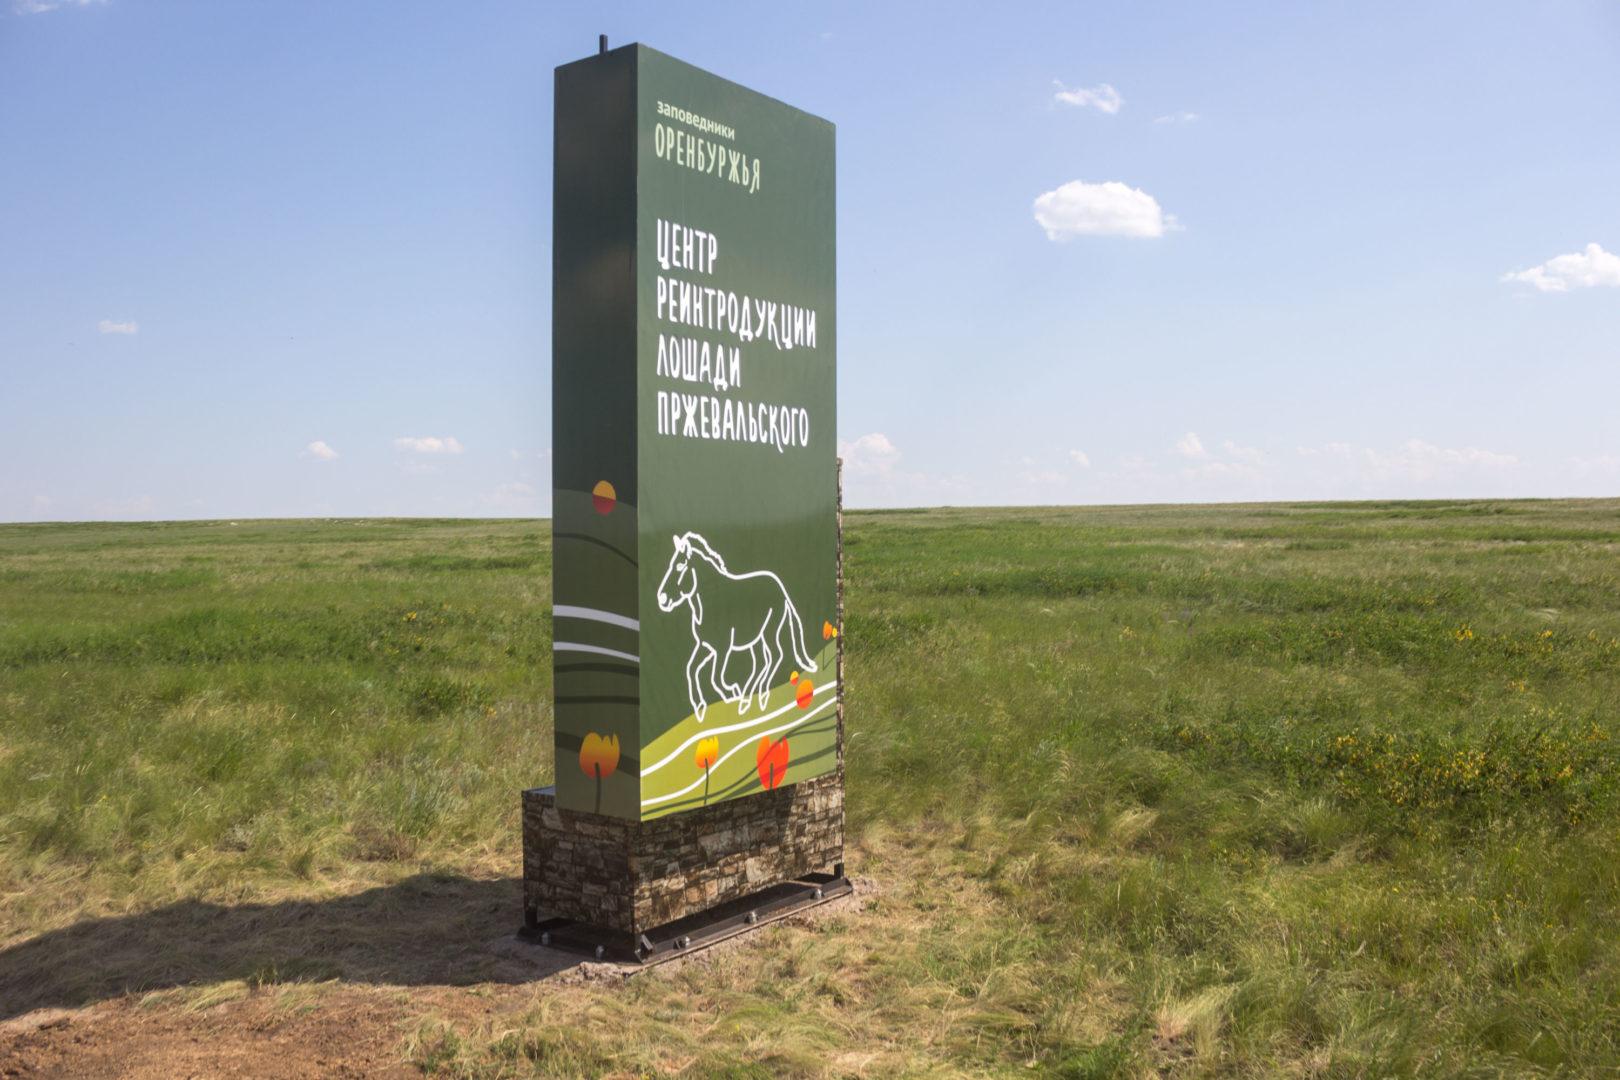 3-я партия лошадей Пржевальского прибыла вОренбург врамках реализации необычайного проекта